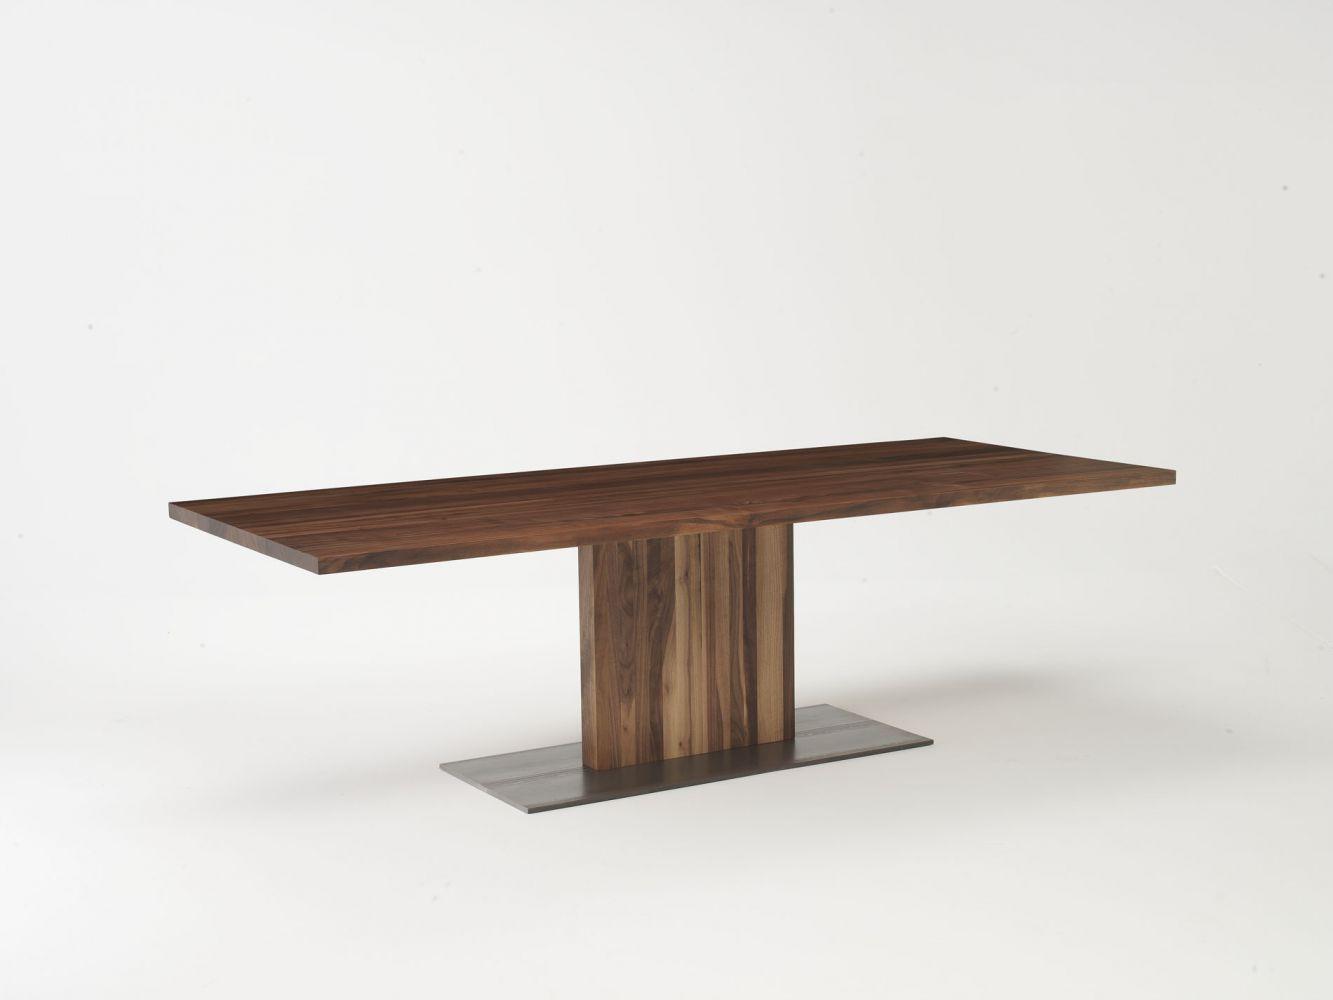 Tavolo moderno / in legno massiccio / ovale / rettangolare ...